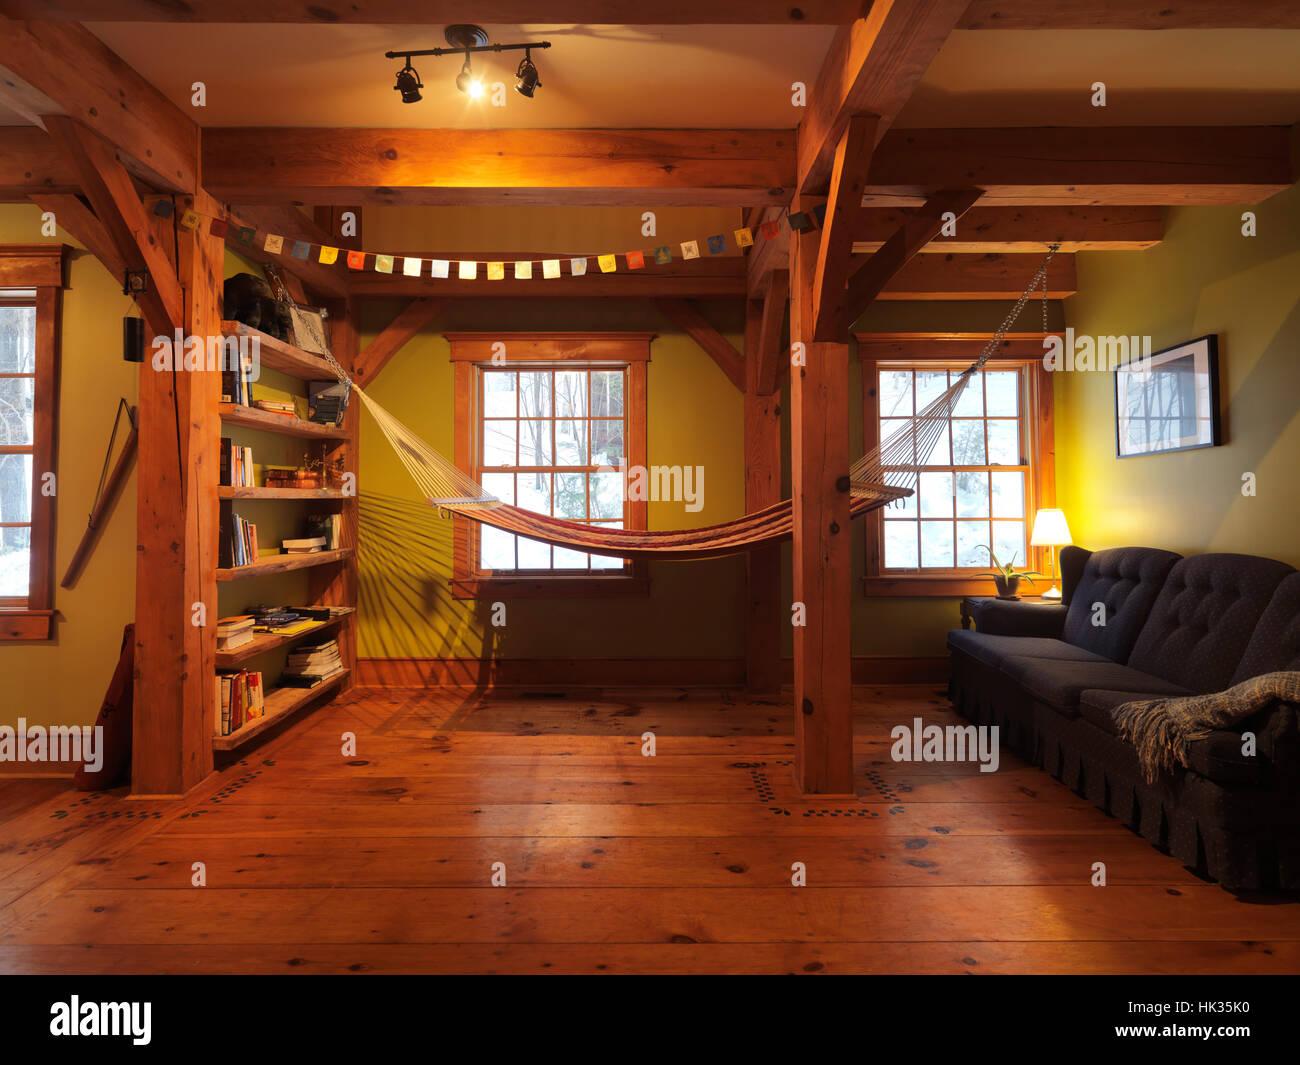 Salon avec un hamac dans une maison à ossature bois, intérieur avec beaucoup de bois, Muskoka, Ontario, Photo Stock